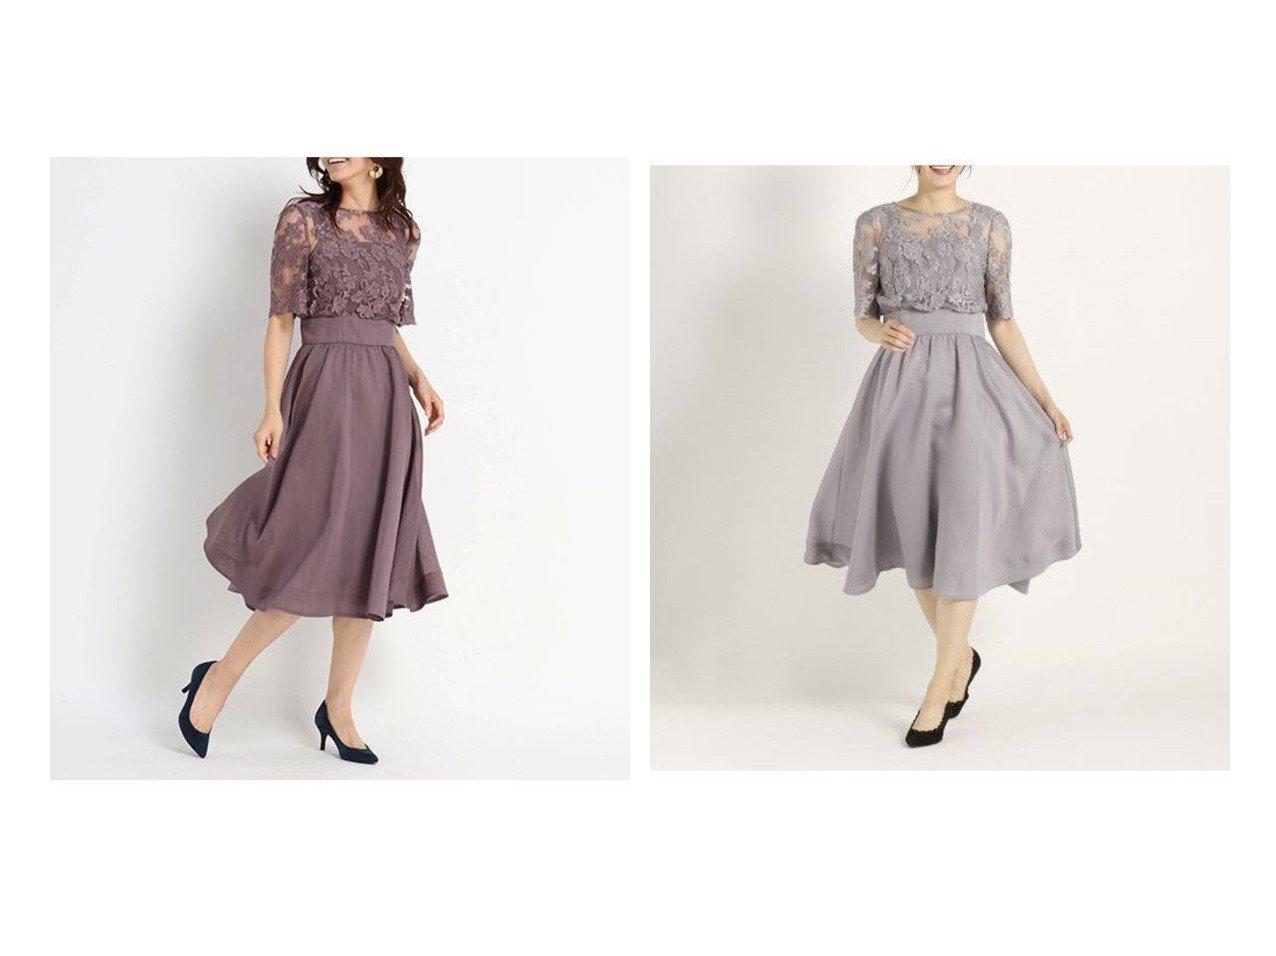 【STRAWBERRY FIELDS/ストロベリーフィールズ】のDVシアーシャンタン ドレス STRAWBERRY FIELDSのおすすめ!人気、トレンド・レディースファッションの通販 おすすめで人気の流行・トレンド、ファッションの通販商品 メンズファッション・キッズファッション・インテリア・家具・レディースファッション・服の通販 founy(ファニー) https://founy.com/ ファッション Fashion レディースファッション WOMEN ワンピース Dress ドレス Party Dresses エレガント シャンタン シルク ドッキング ドレス レース 羽織 |ID:crp329100000018638